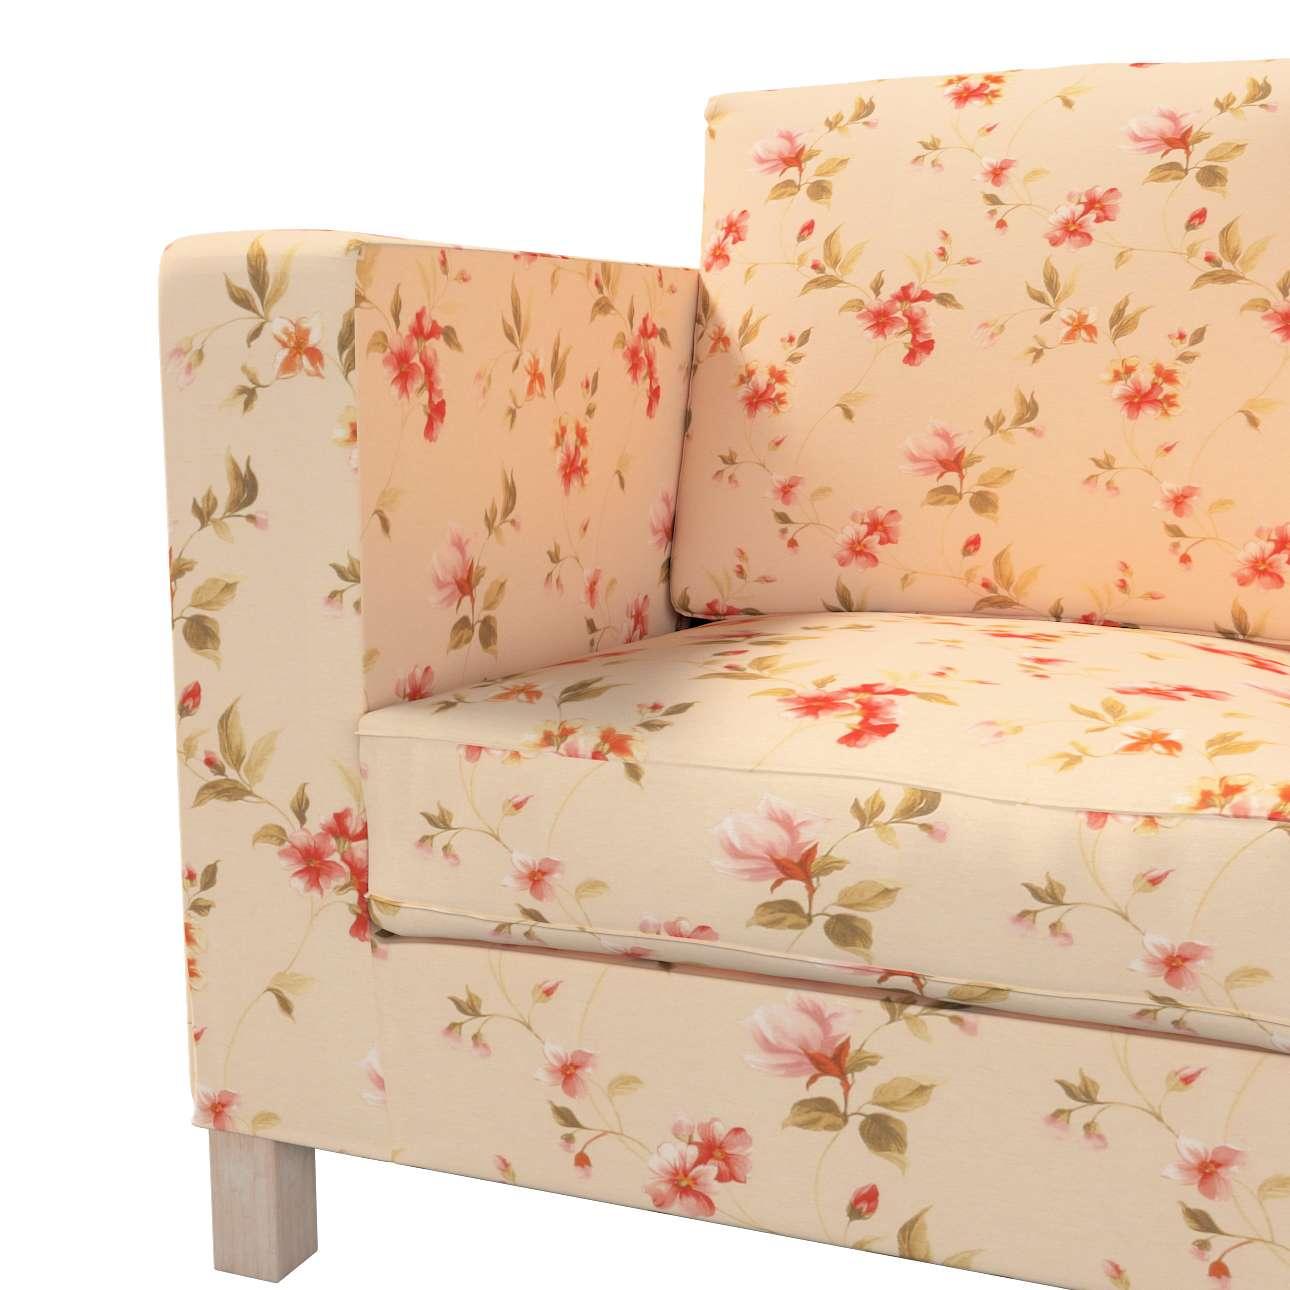 Karlanda 3-Sitzer Sofabezug nicht ausklappbar kurz von der Kollektion Londres, Stoff: 124-05